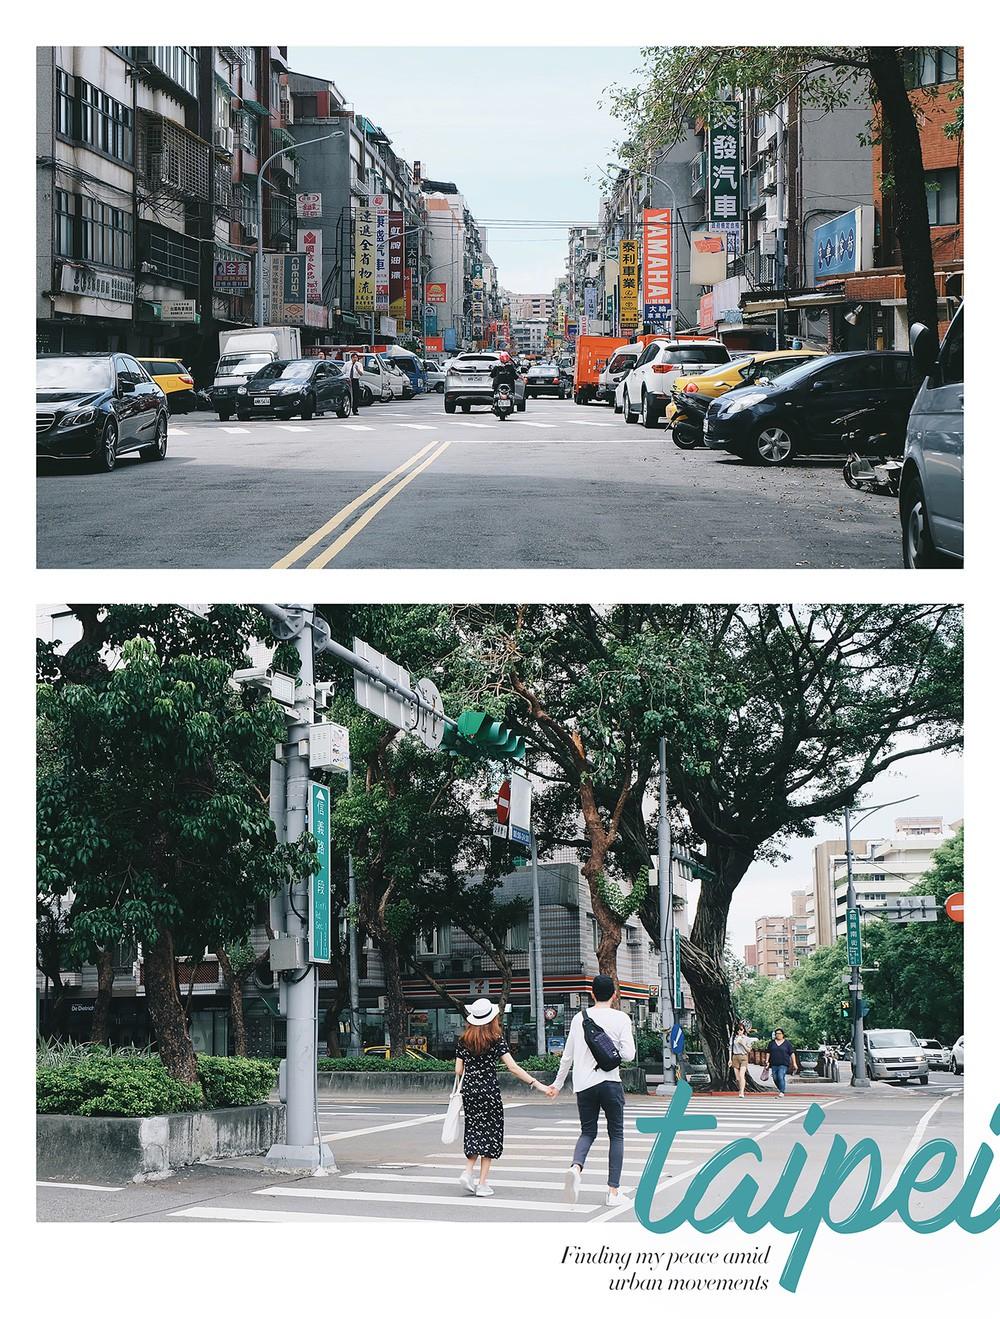 Cảnh đẹp, đồ ăn ngon ngập tràn, cafe xinh xắn - như thế đã đủ hấp dẫn để đi Đài Loan hè này chưa? - ảnh 14